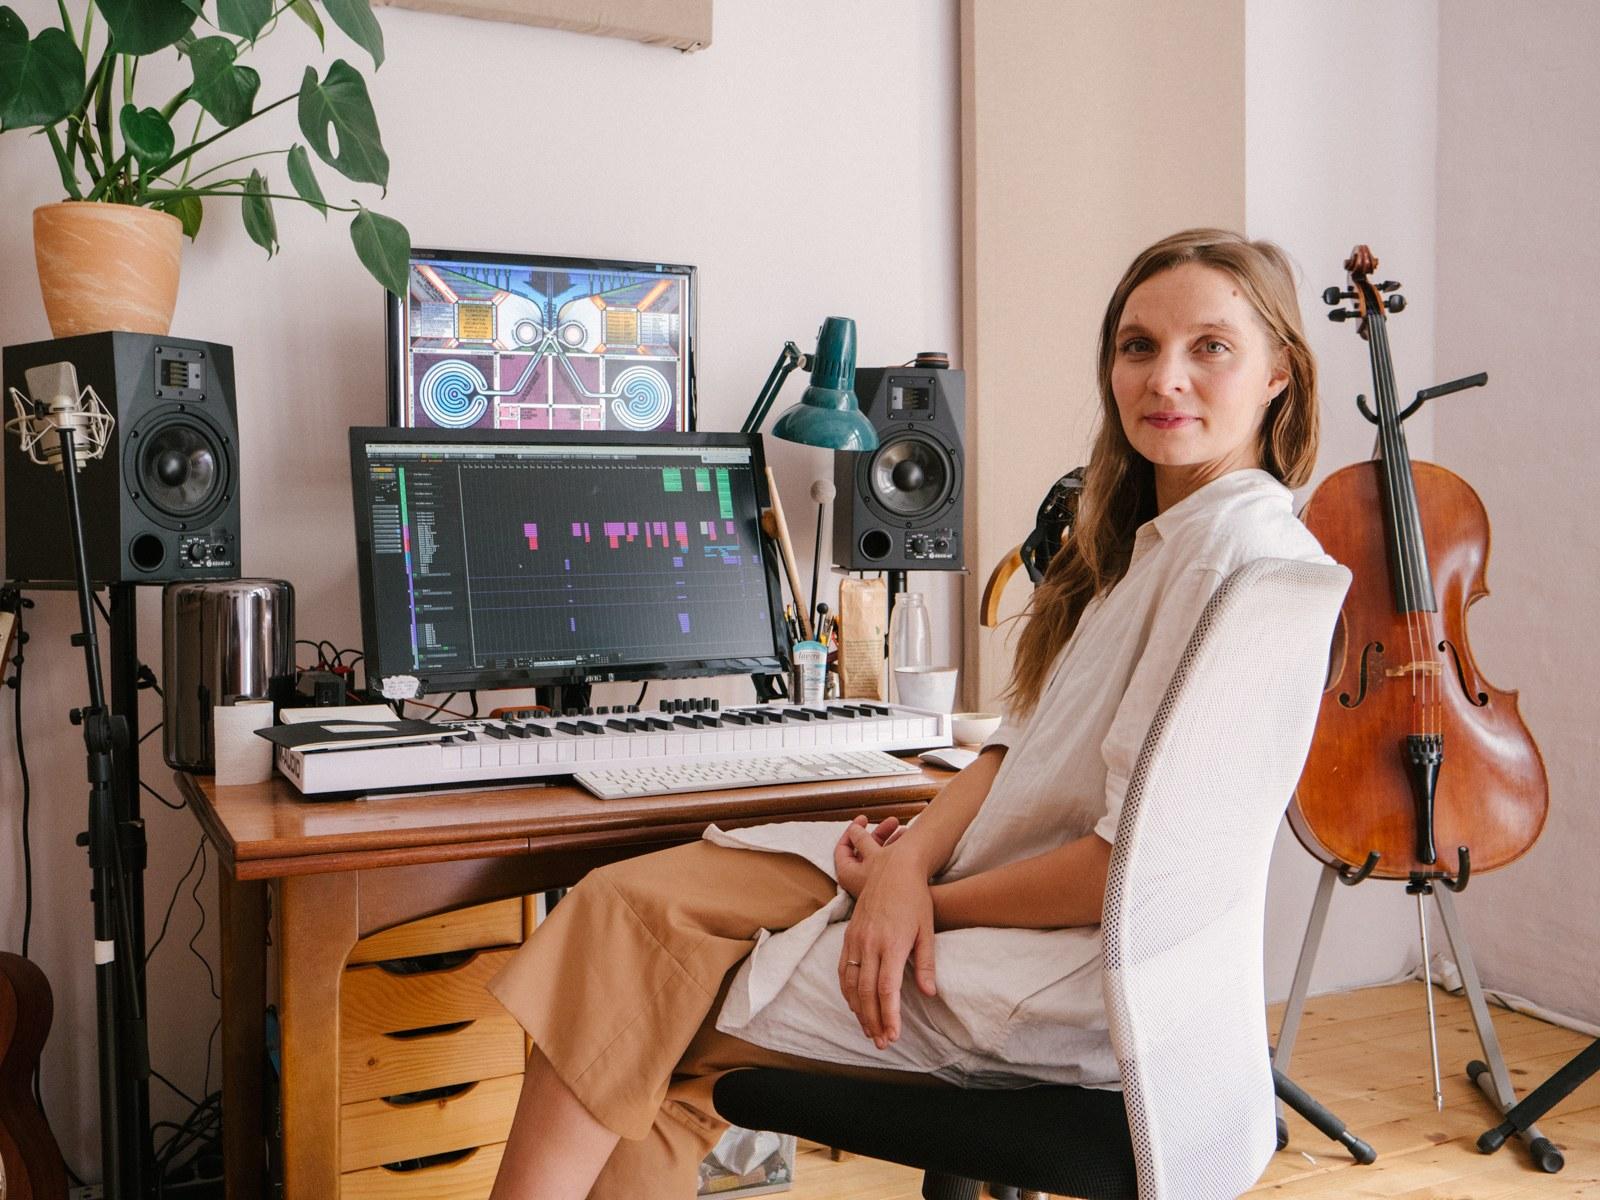 How Hildur Guðnadóttir composed 'Joker' soundtrack before